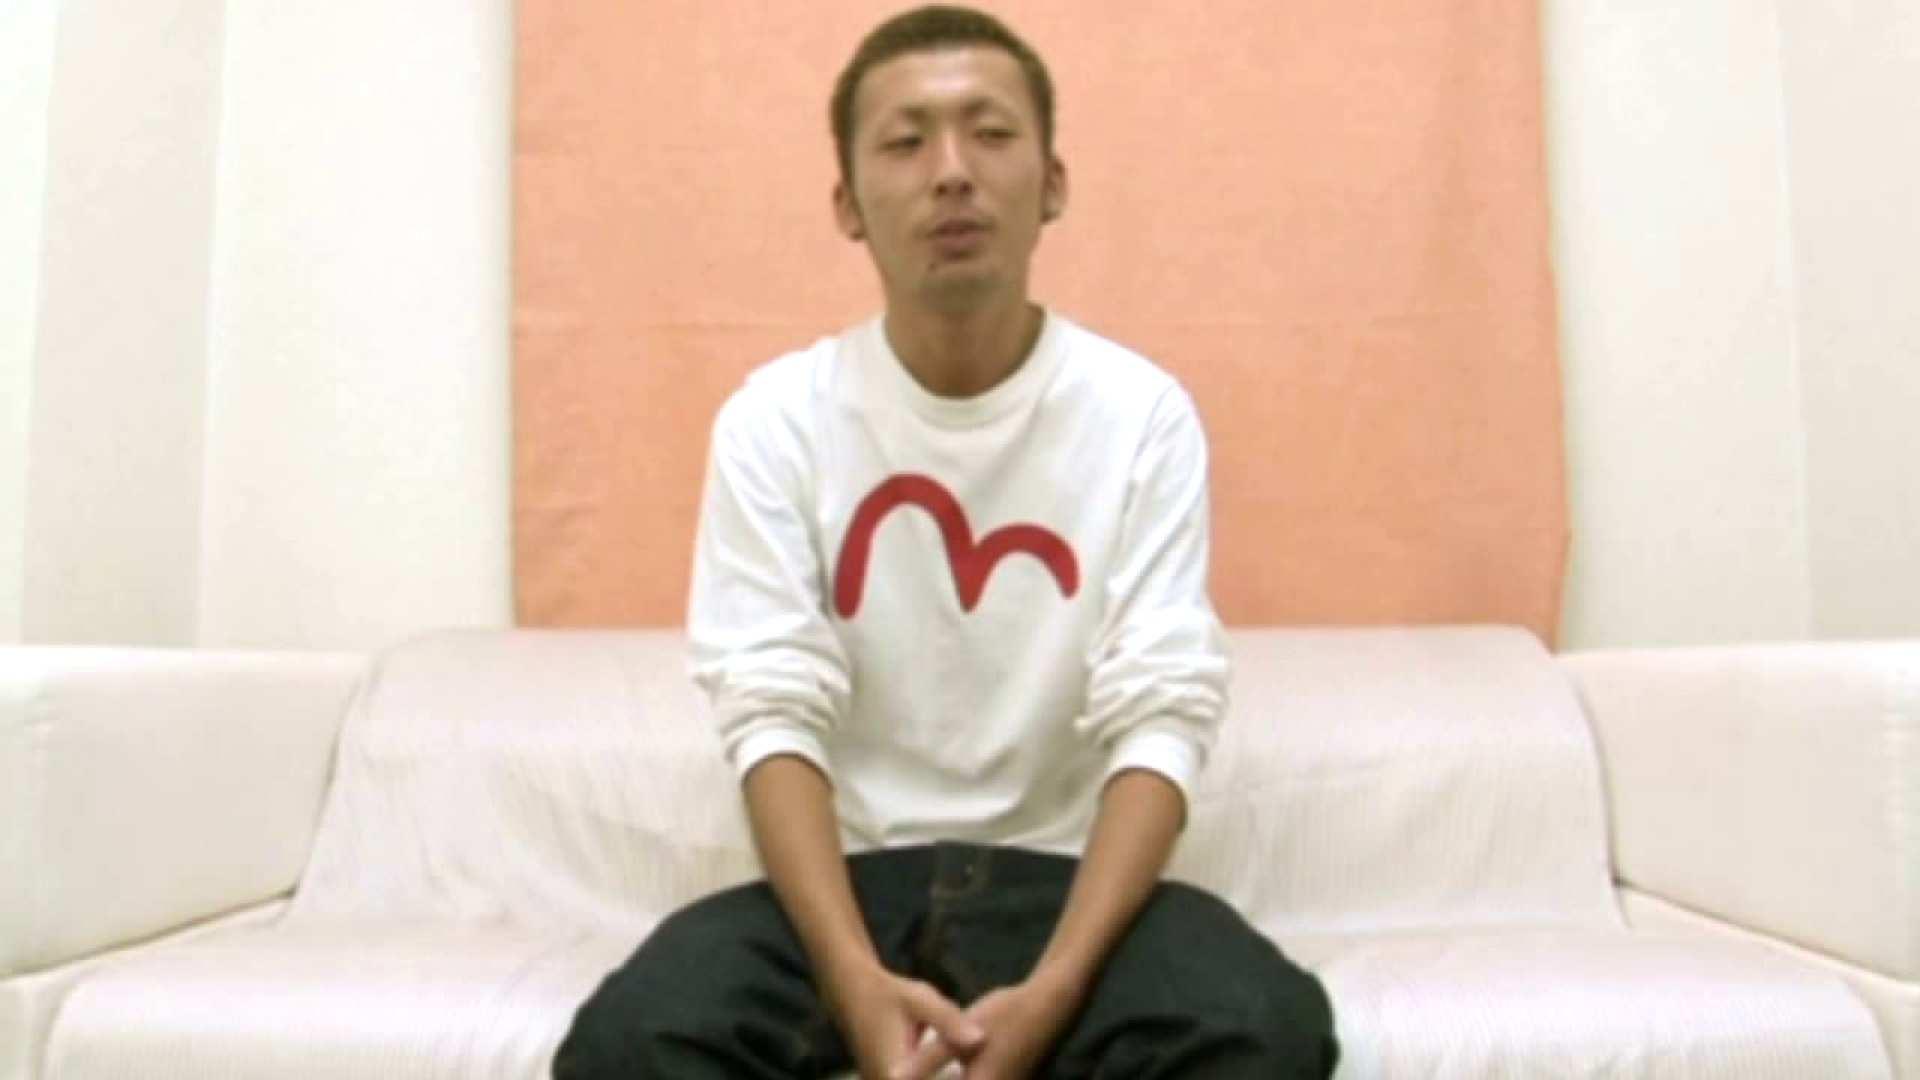 ノンケ!自慰スタジオ No.11 オナニー アダルトビデオ画像キャプチャ 88枚 38